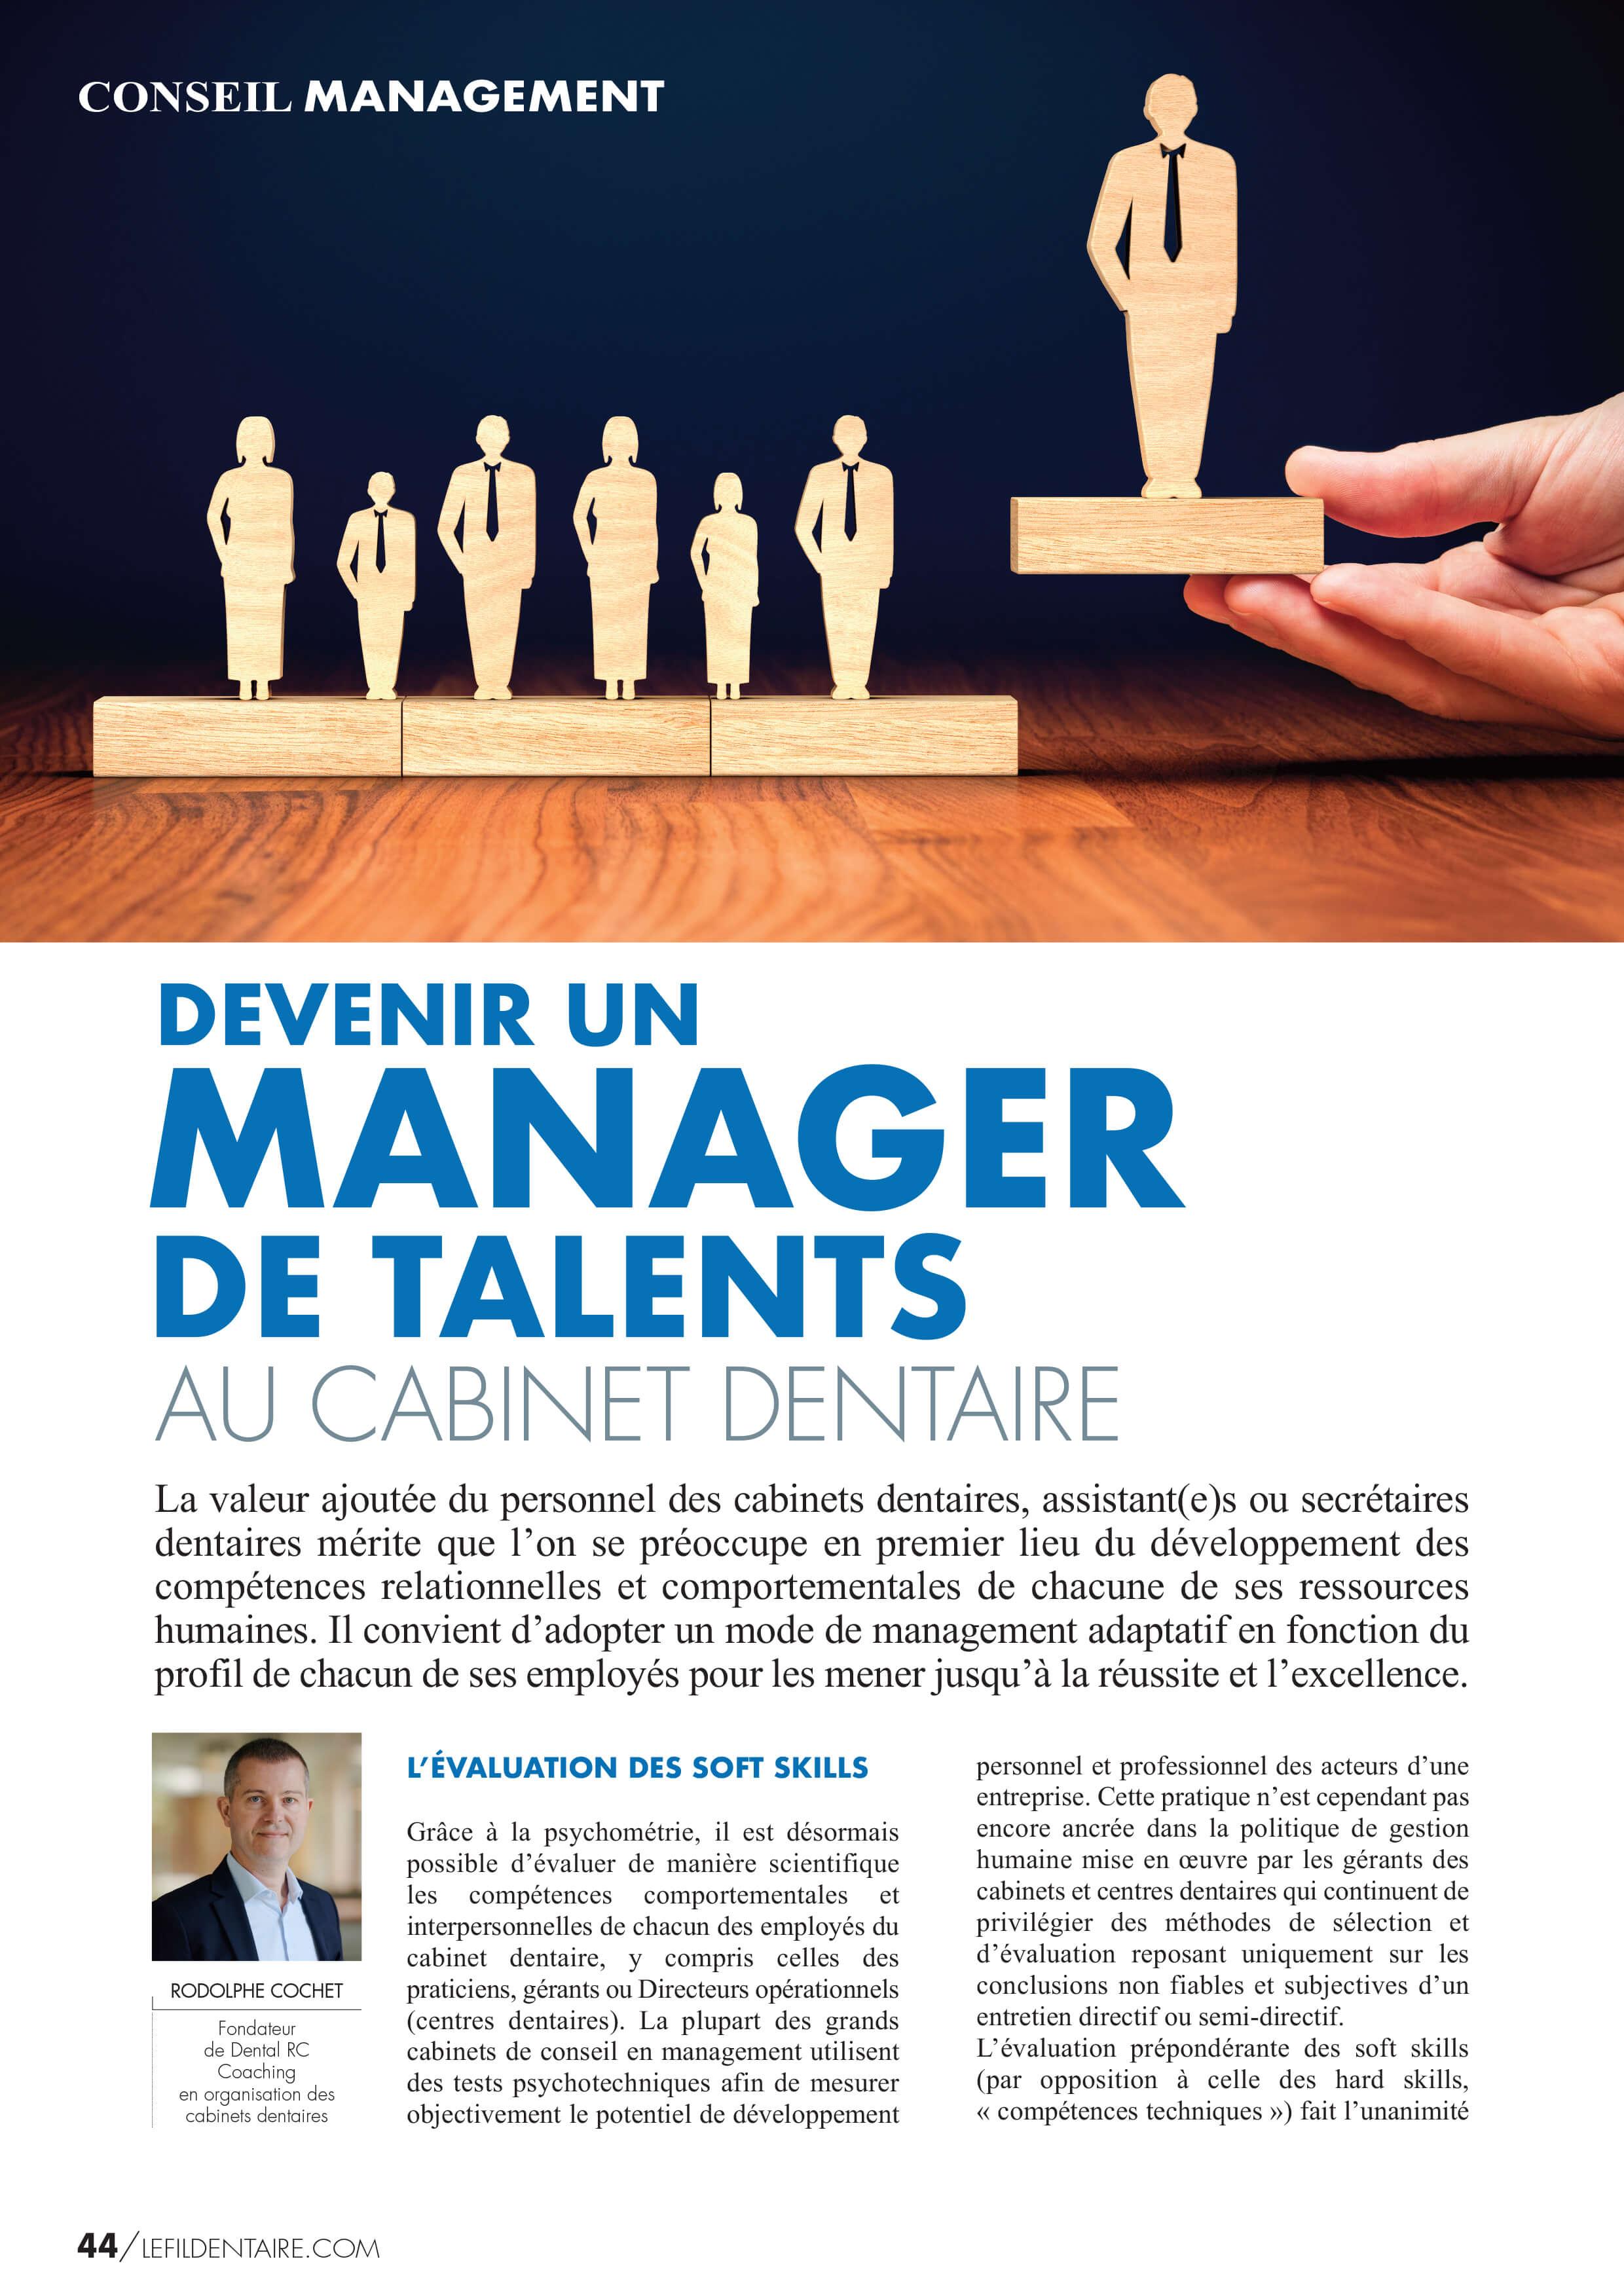 Devenir-un-Manager-de-Talents-au-cabinet-dentaire.jpg